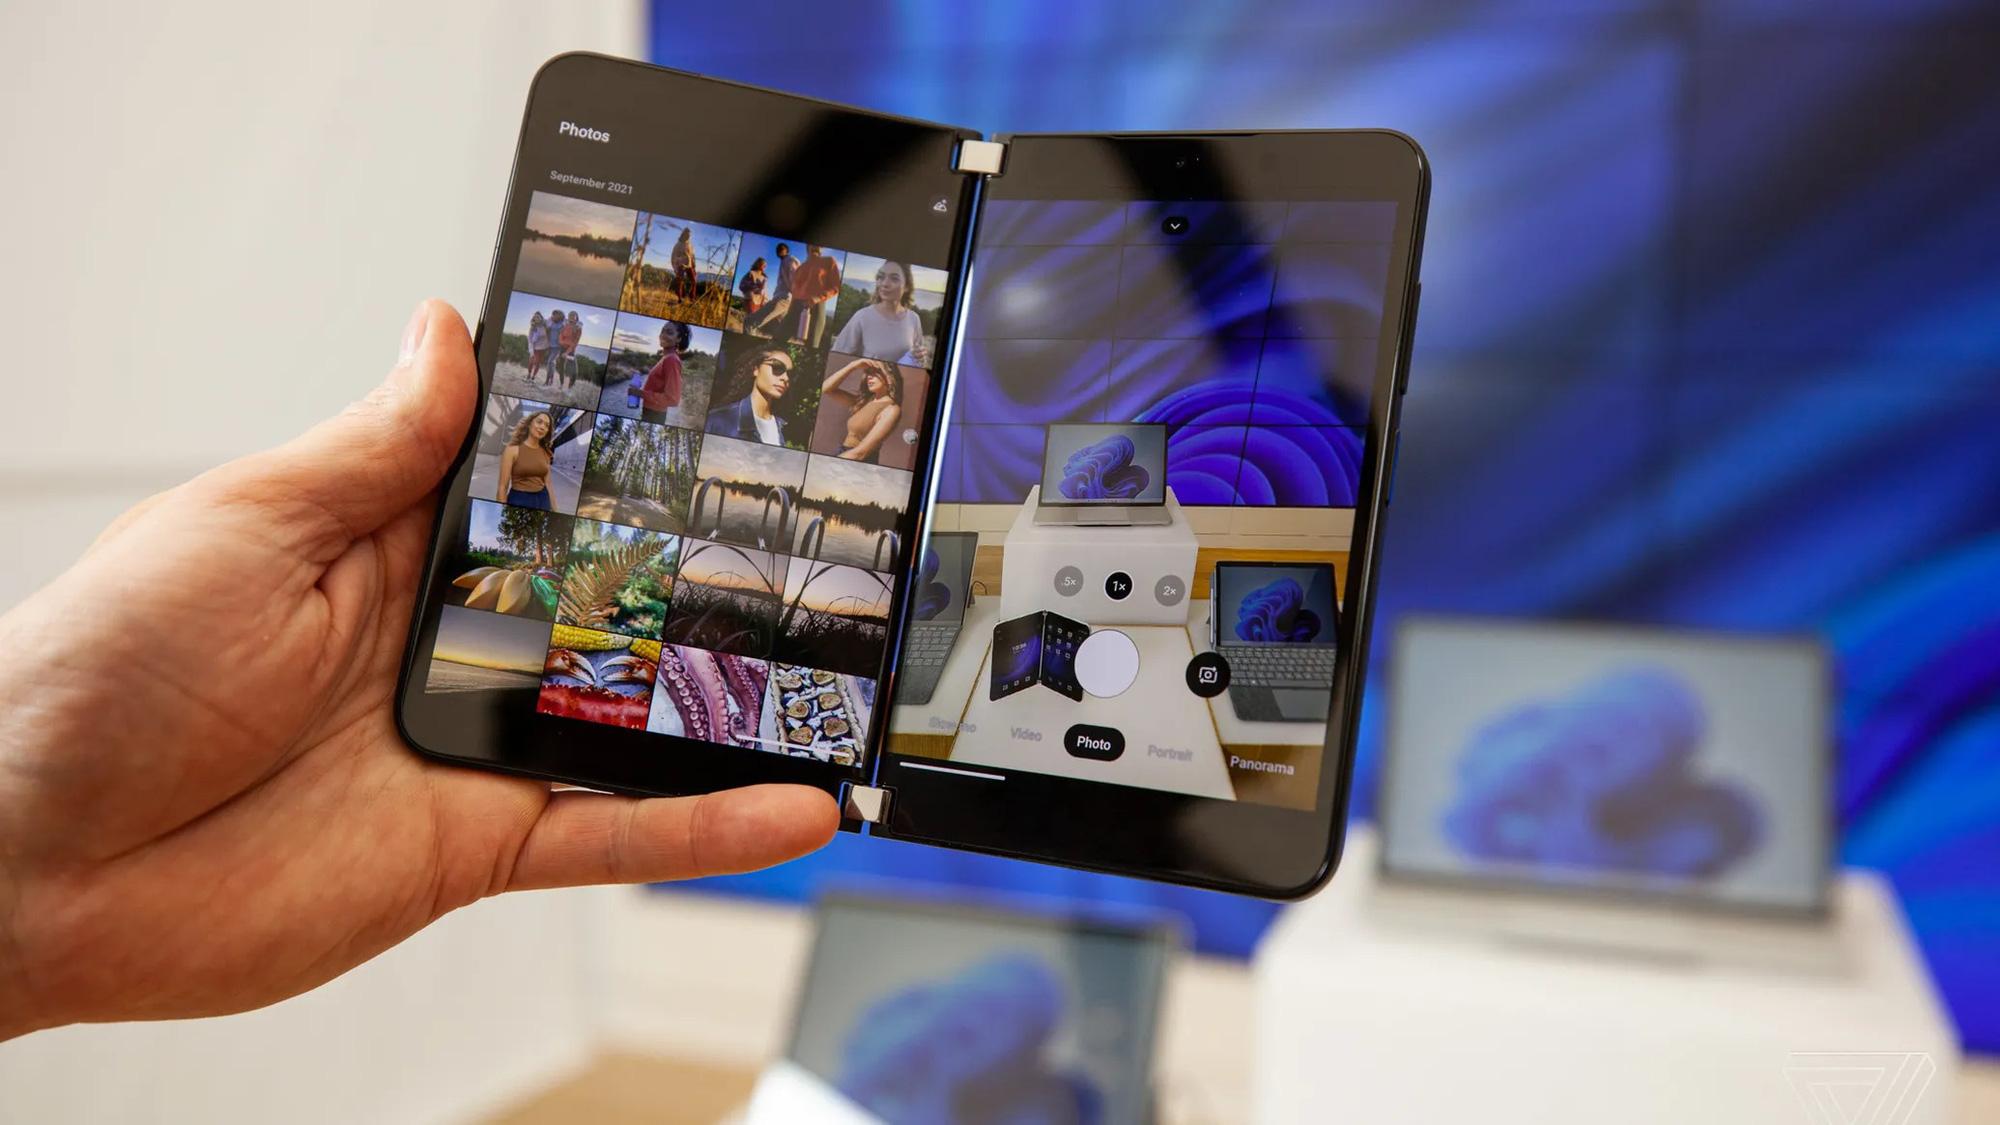 Cận cảnh Surface Duo 2 - Smartphone 2 màn hình giá 1.500 USD của Microsoft - Ảnh 6.